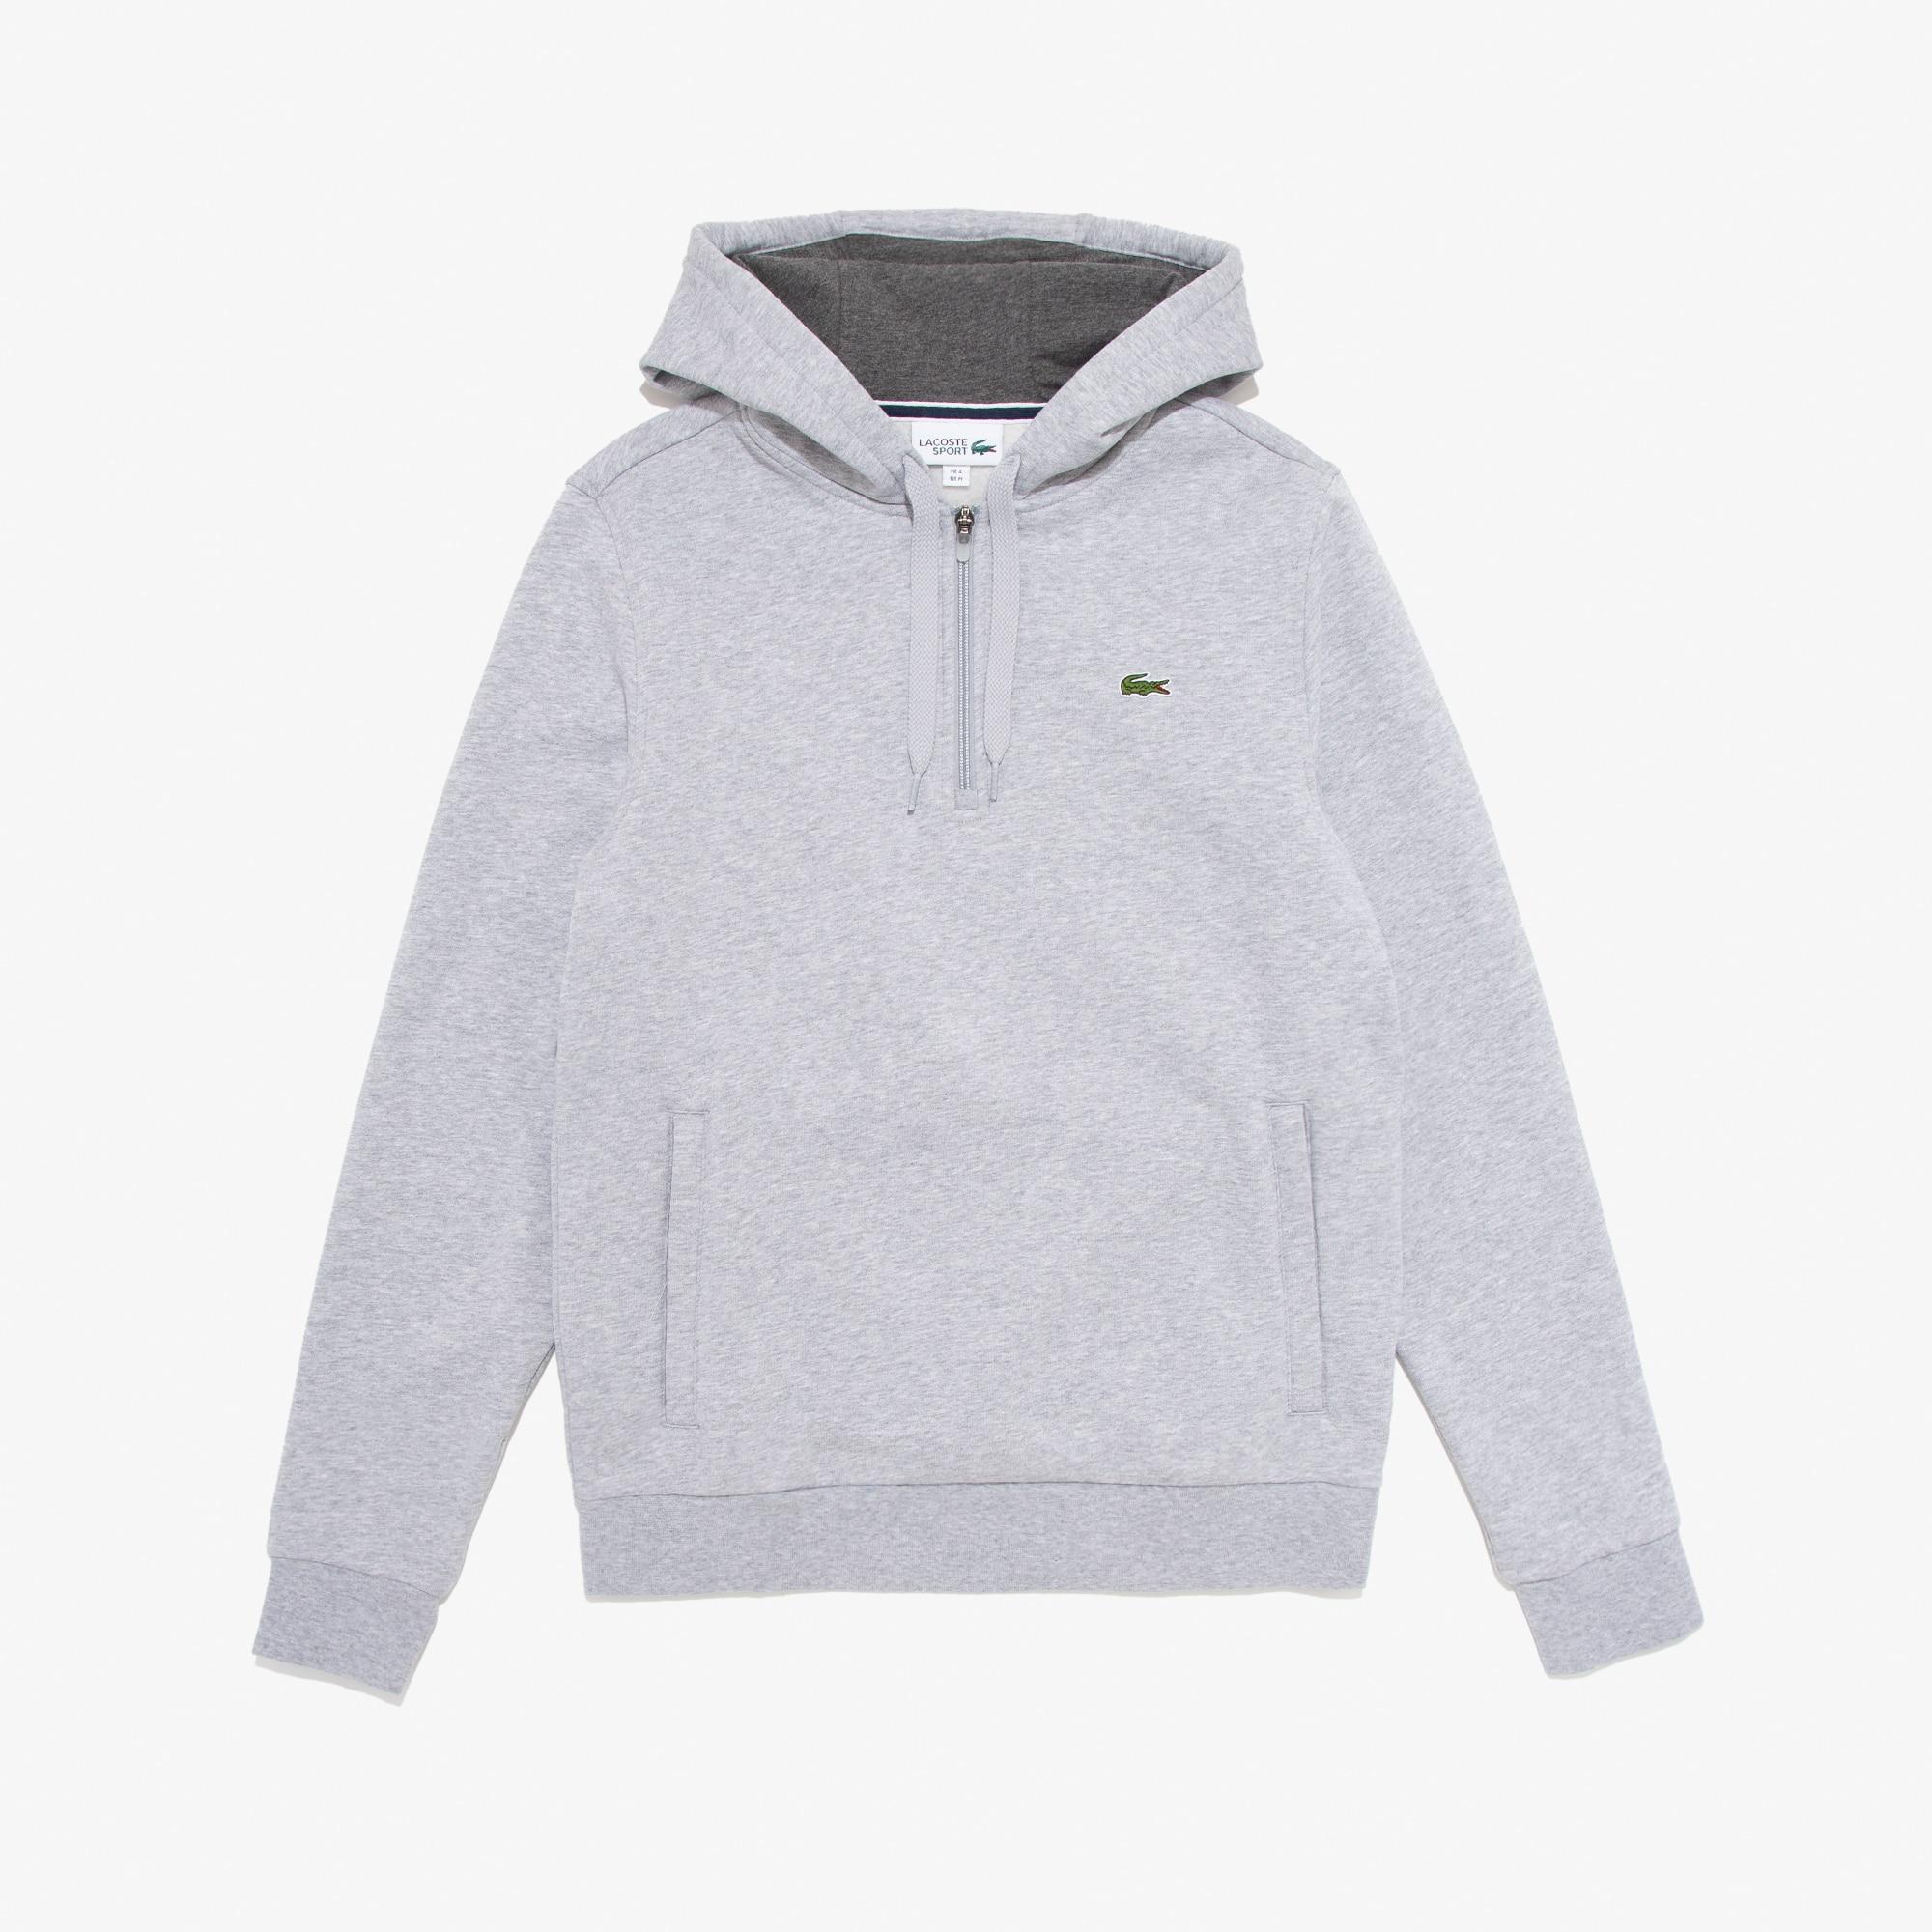 Lacoste Tops Men's SPORT Hooded Fleece Tennis Sweatshirt